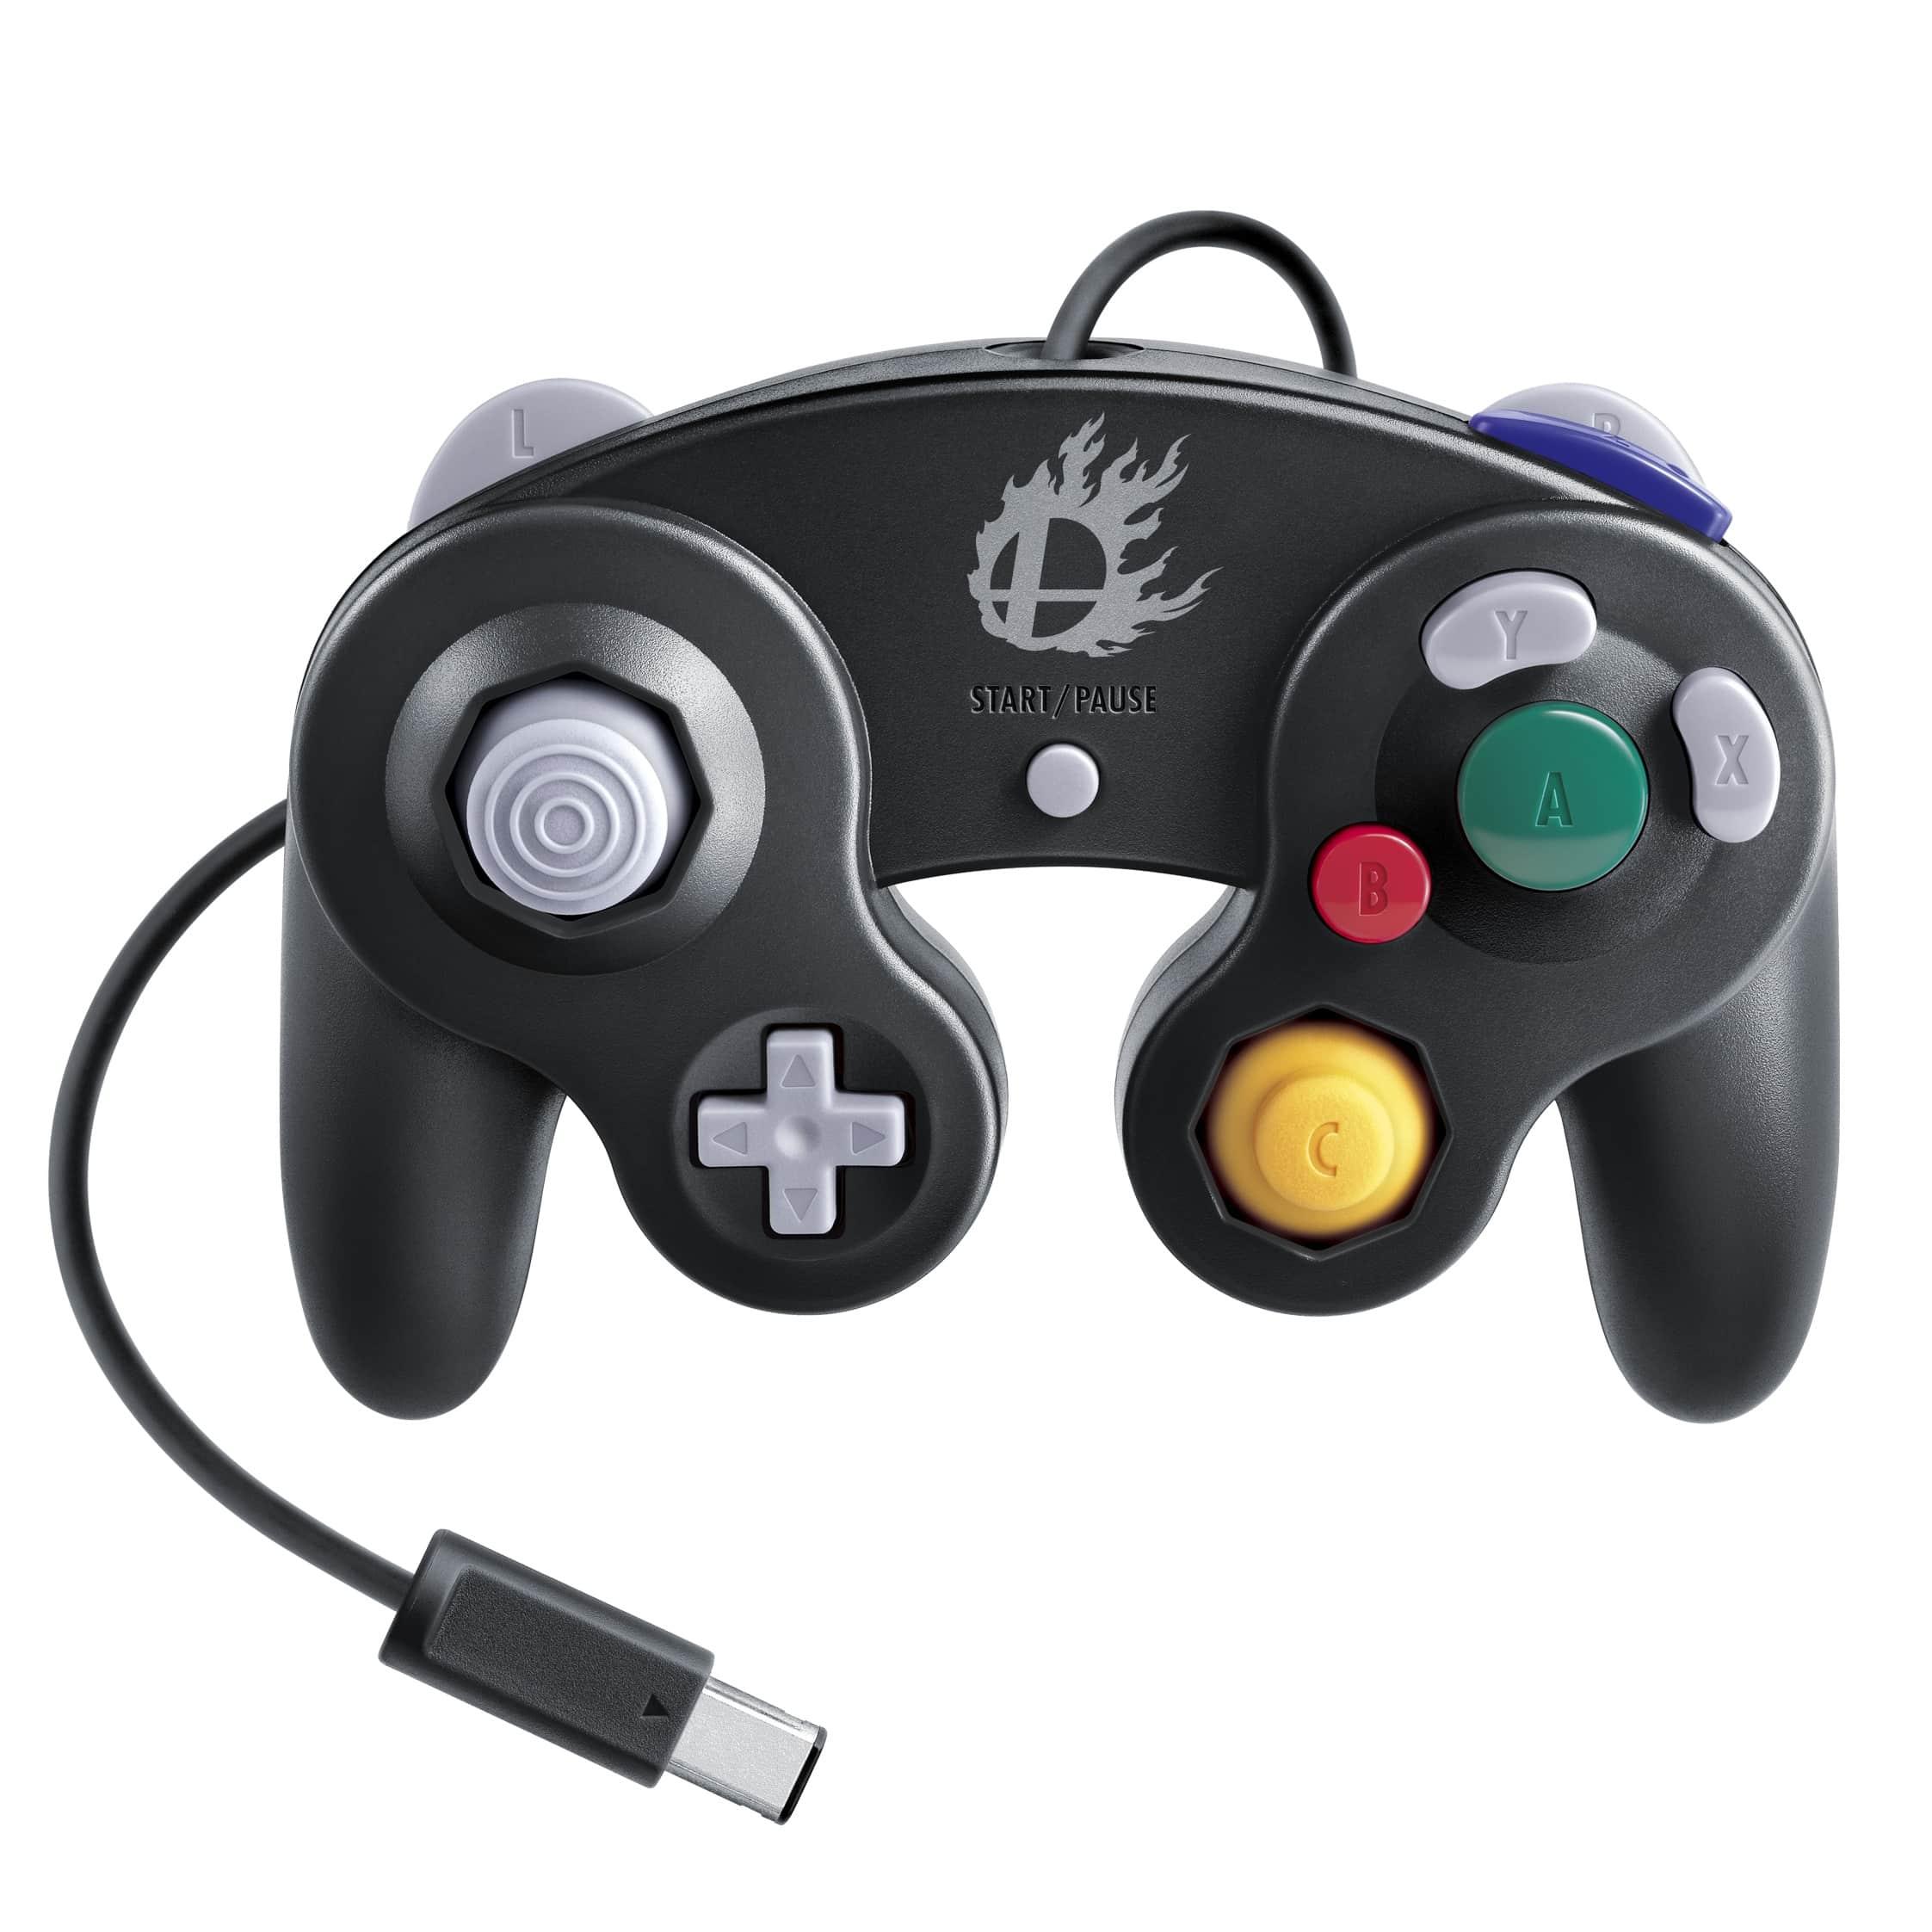 http://www.nintendo-insider.com/wp-content/uploads/2014/06/wiiu-gamecube-controller-super-smash-bros.jpg